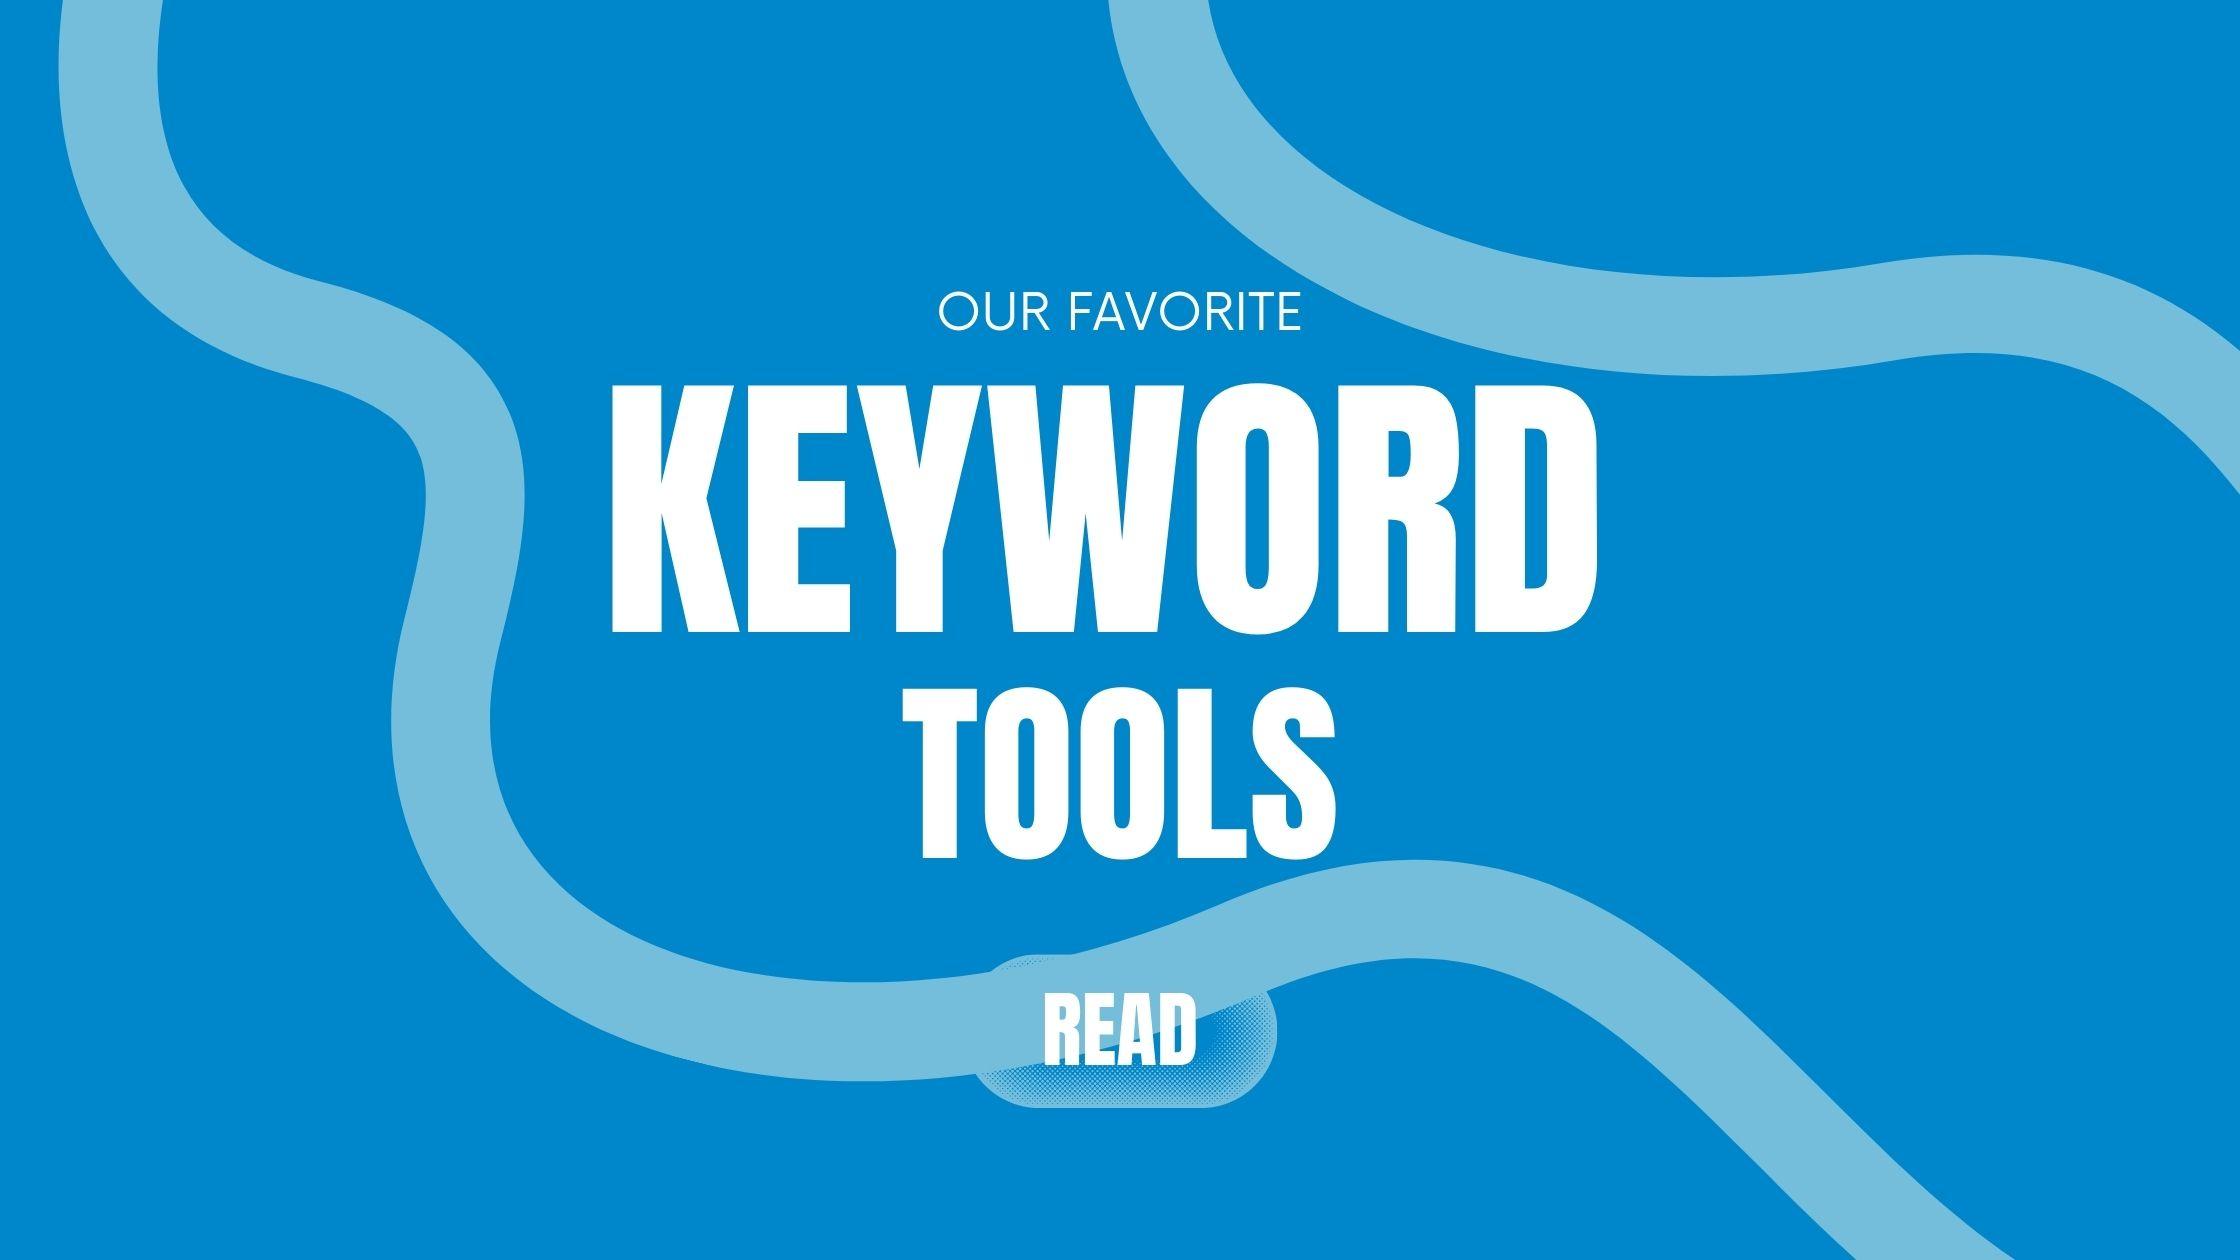 seo keyword tools jacksonville